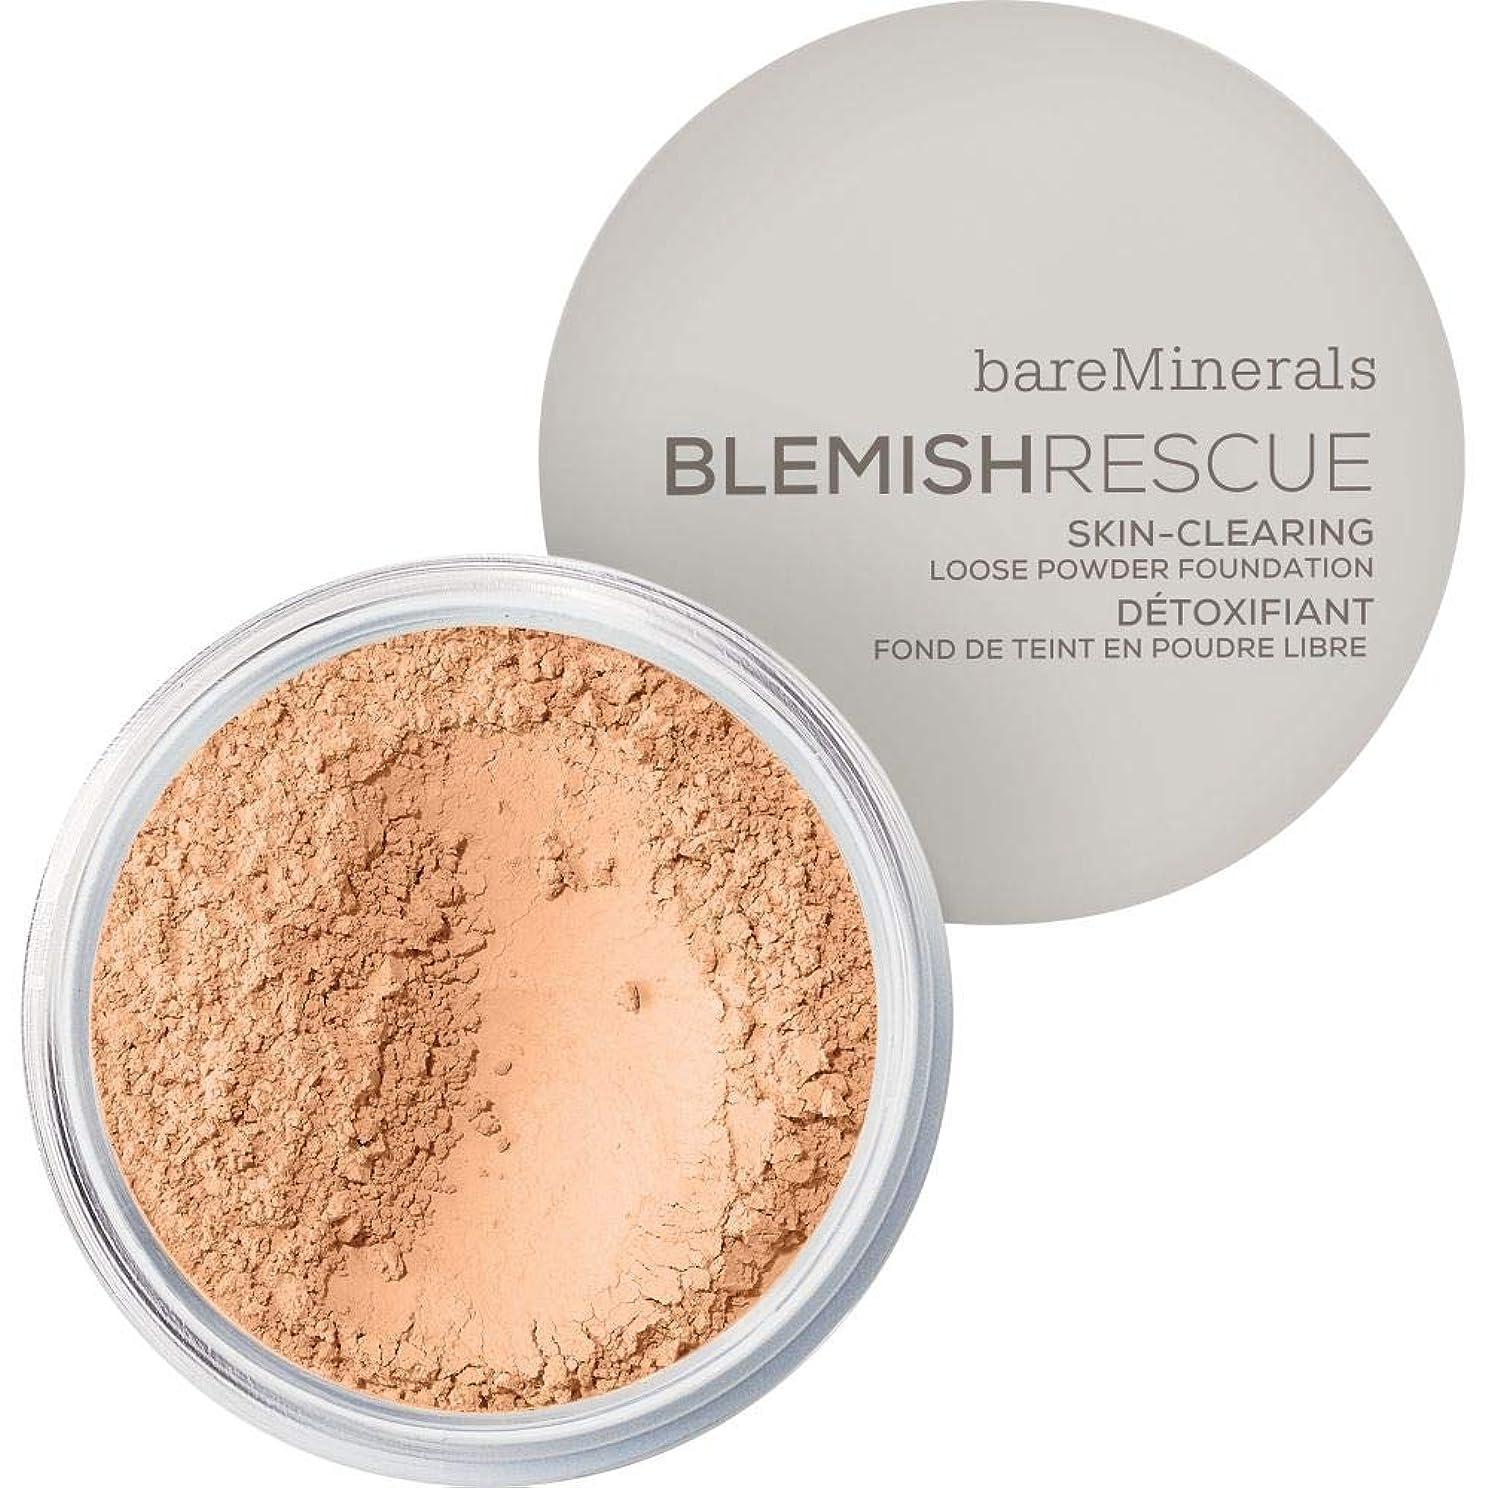 露自然公園適応的[bareMinerals ] ベアミネラルは3.5Nwを6Gレスキュースキンクリア緩いパウダーファンデーションを傷 - 黄金のヌード - bareMinerals Blemish Rescue Skin-Clearing Loose Powder Foundation 6g 3.5NW - Golden Nude [並行輸入品]